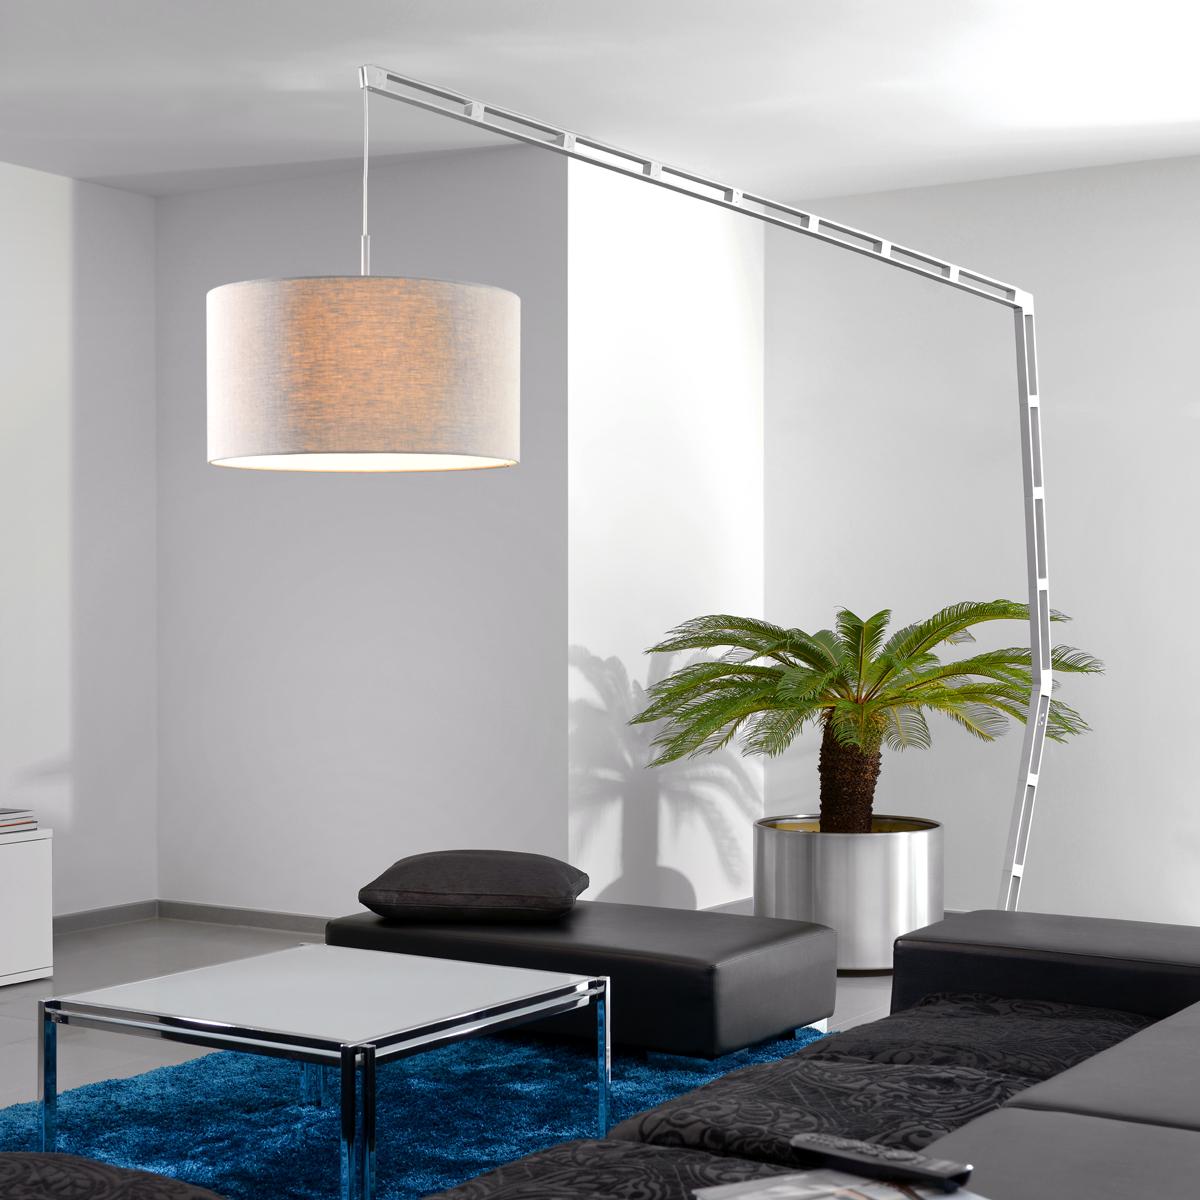 stehleuchte largo modernes wohnen wohnstil gooran gmbh. Black Bedroom Furniture Sets. Home Design Ideas